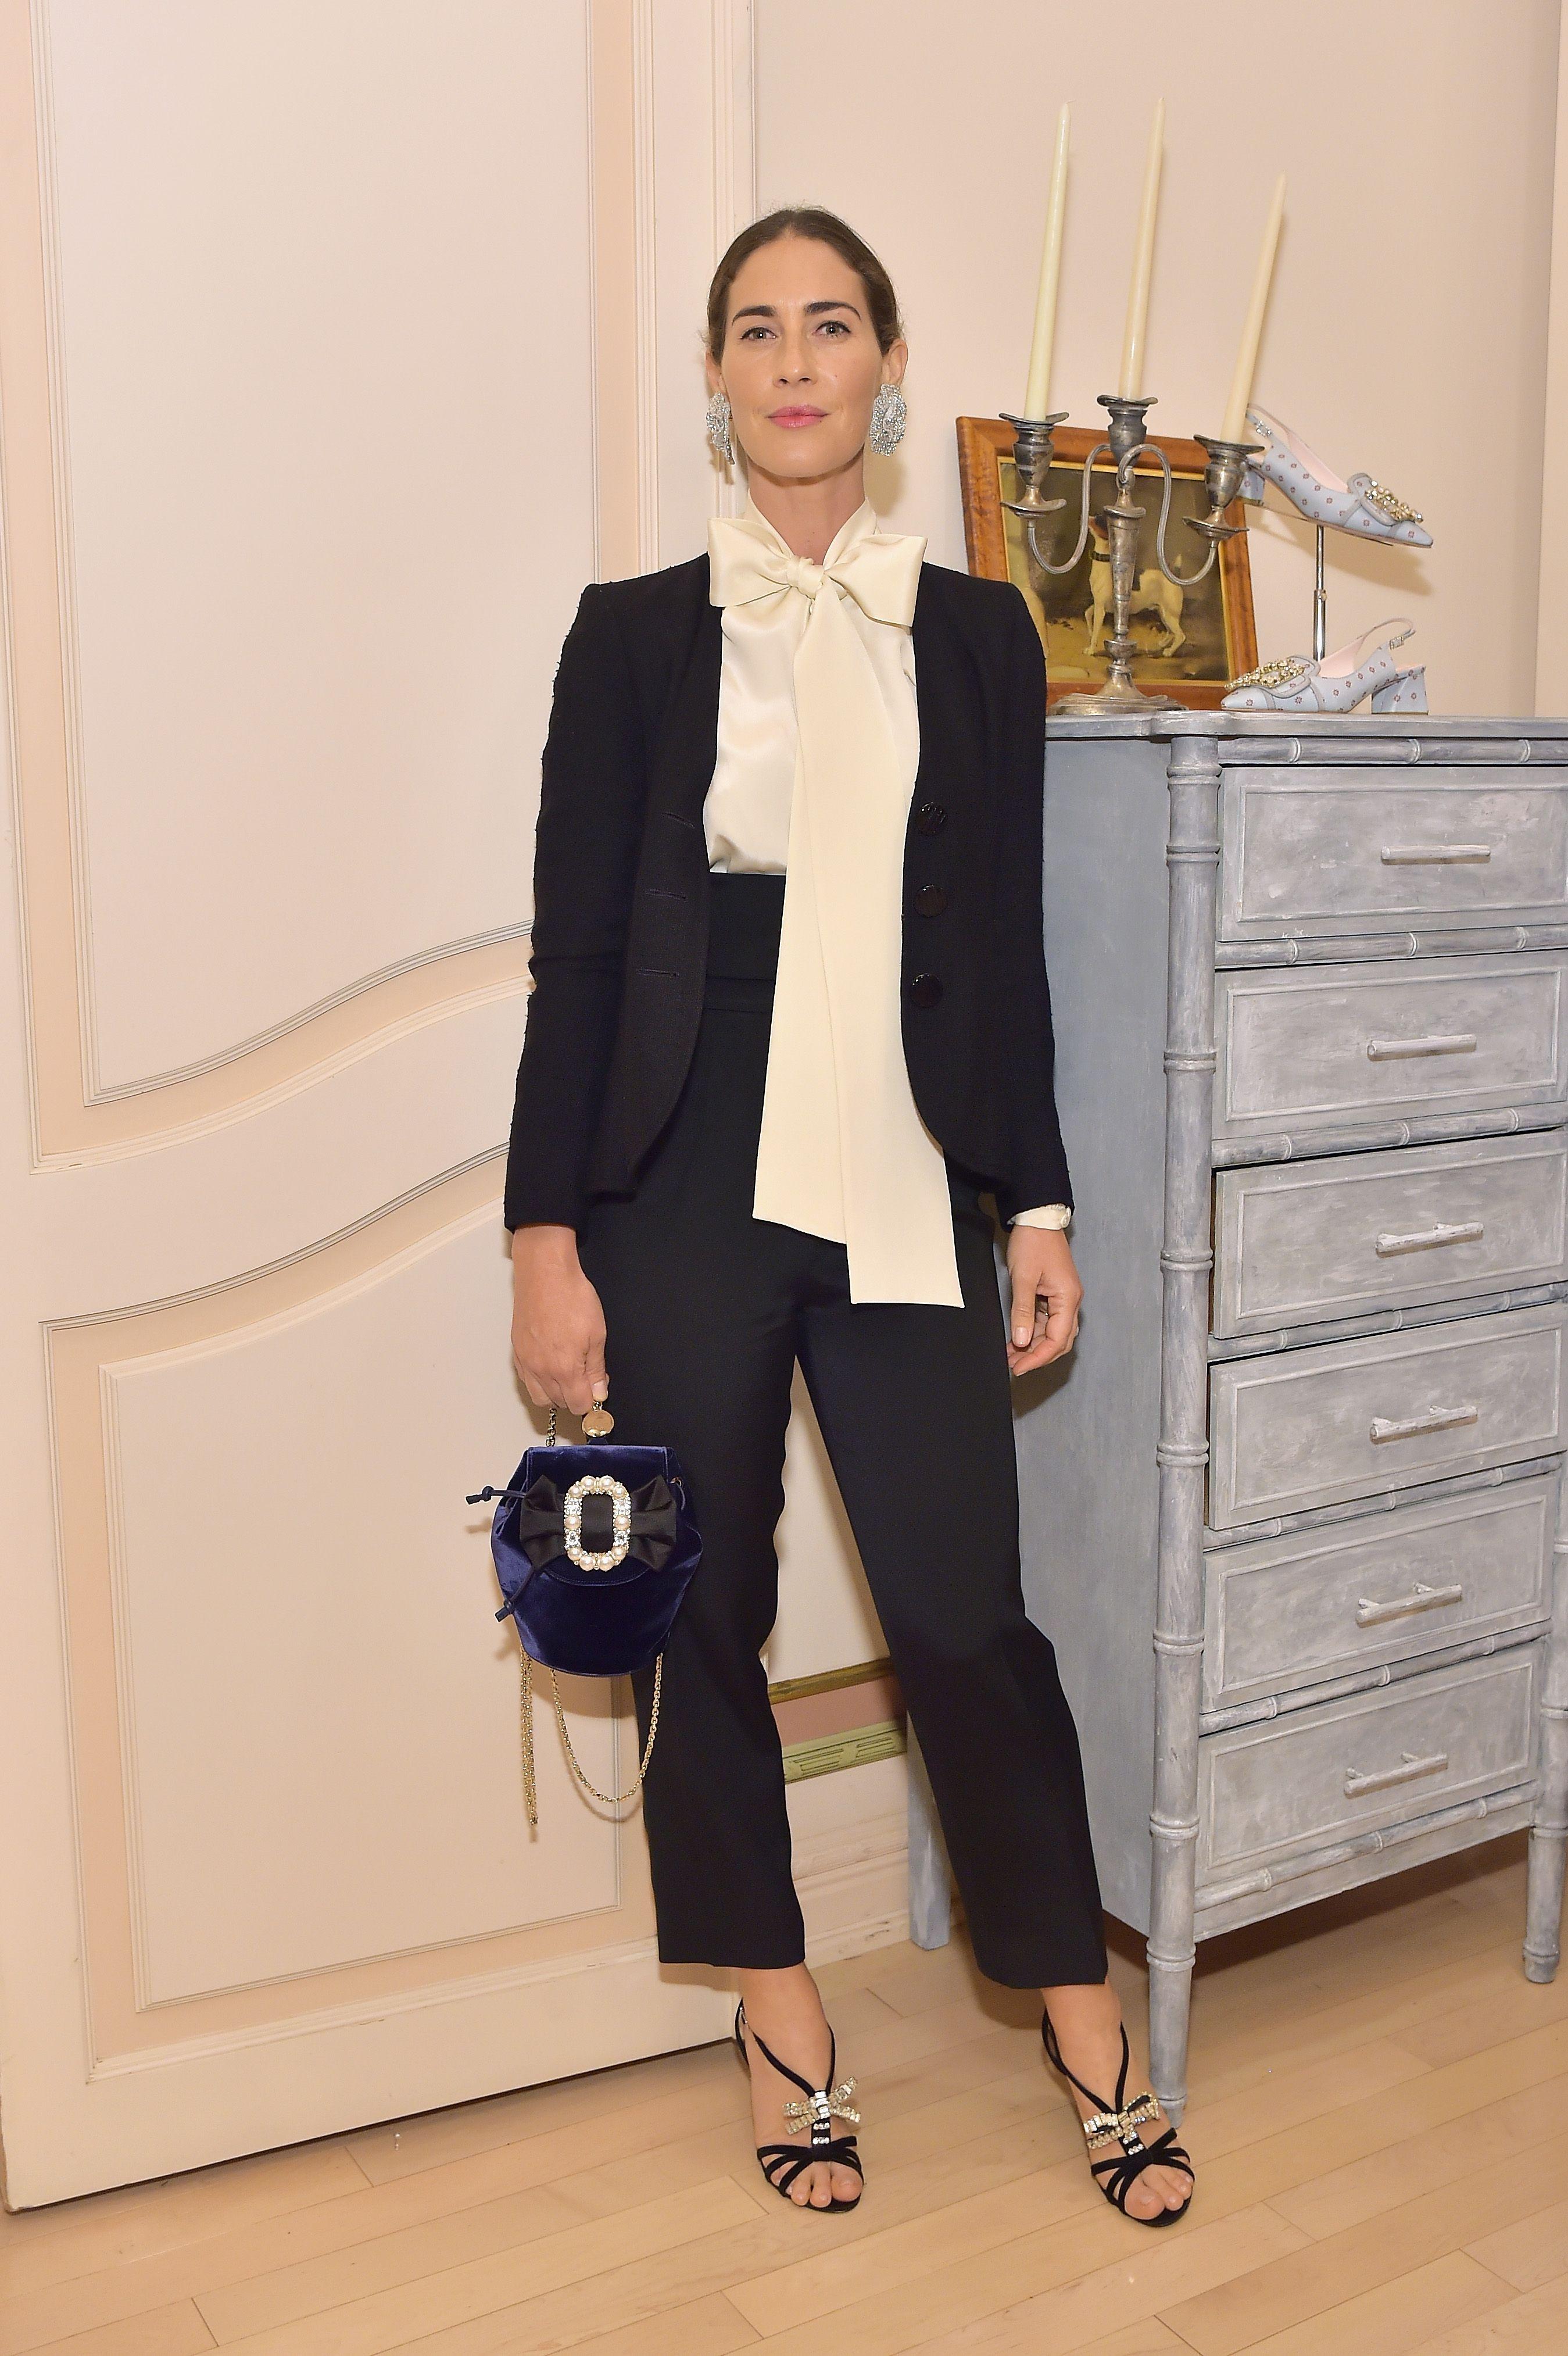 Rebecca de Ravenel Rebecca de Ravenel attends the Hotel Vivier Los Angeles event hosted by Ines de la Fressange and Gherardo Felloni on April 2 in Beverly Hills, California.